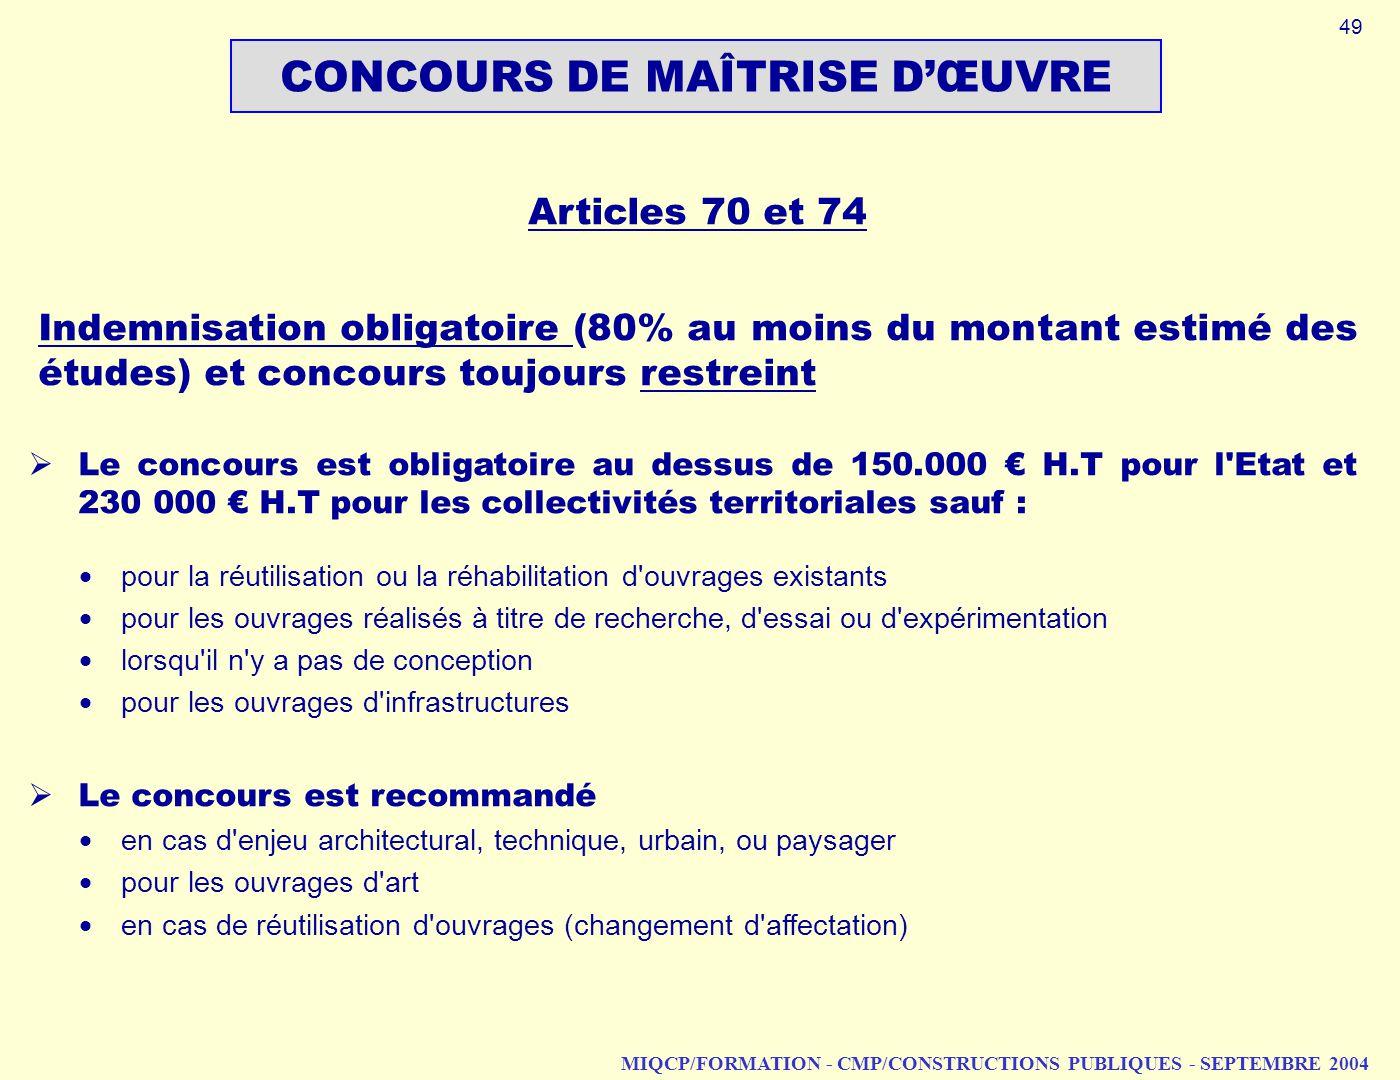 MIQCP/FORMATION - CMP/CONSTRUCTIONS PUBLIQUES - SEPTEMBRE 2004 CONCOURS DE MAÎTRISE DŒUVRE Articles 70 et 74 Indemnisation obligatoire (80% au moins d